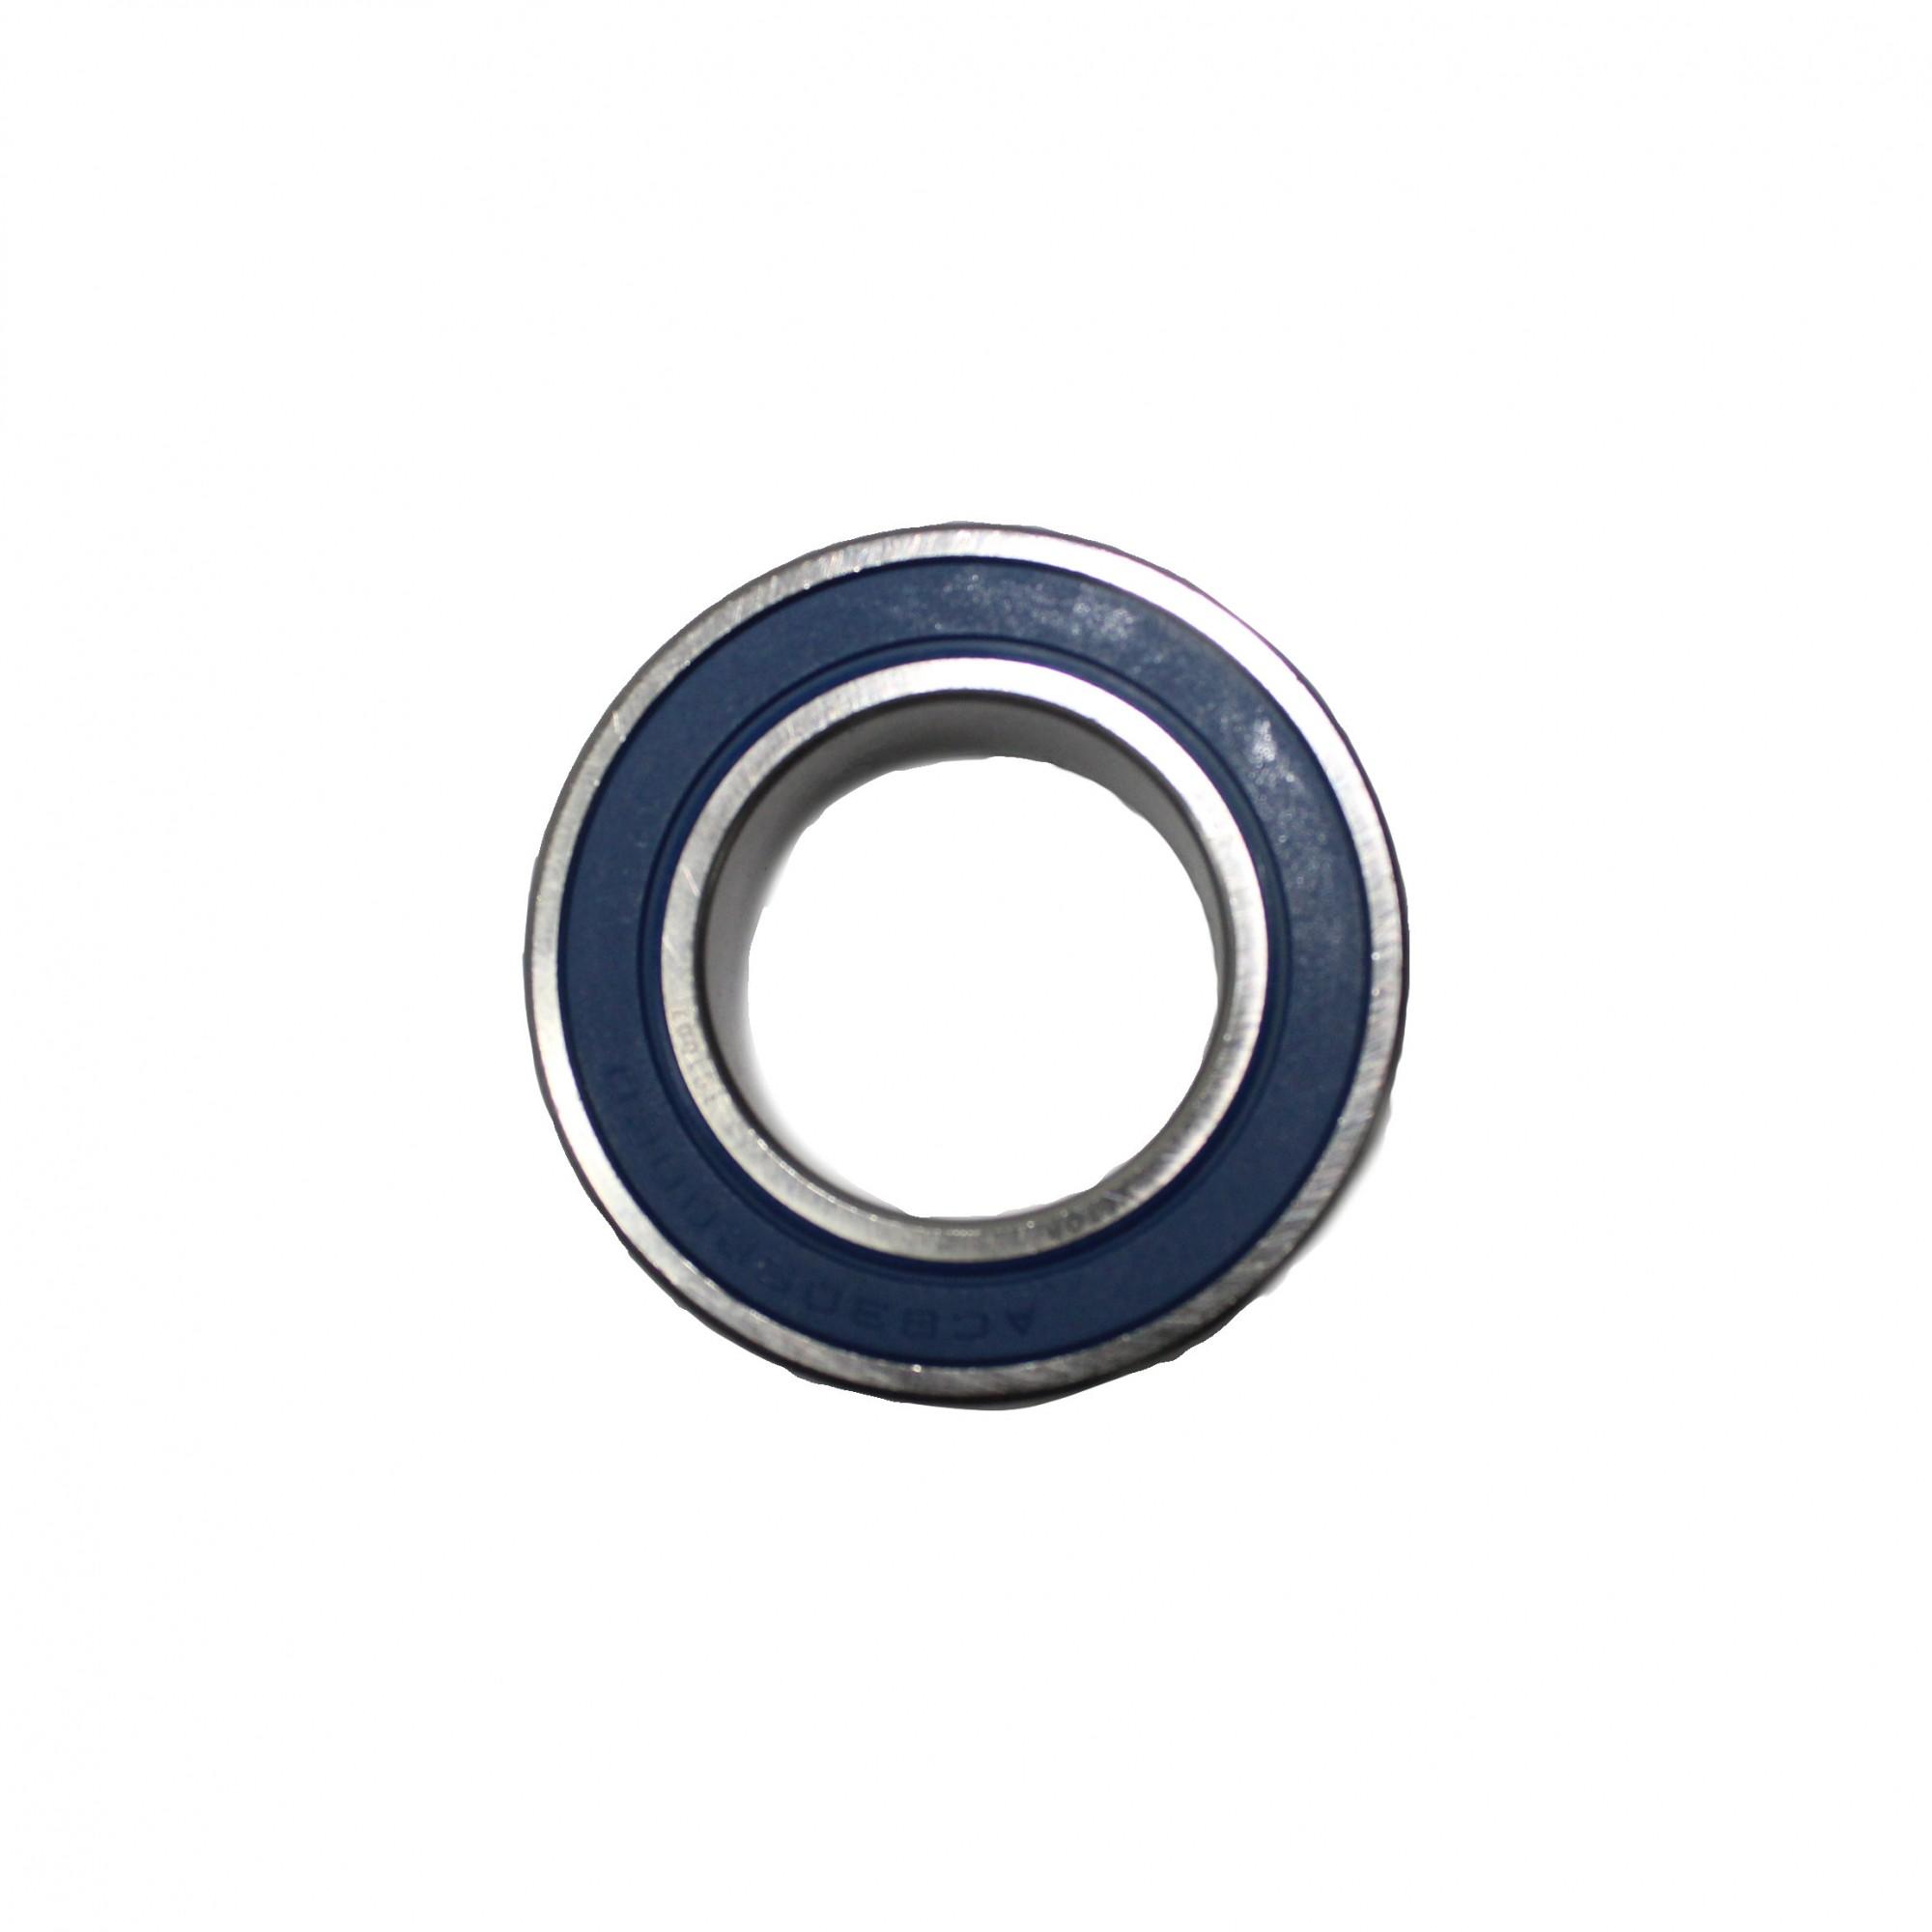 Rolamento Da Polia Compressor Denso Toyota Etios (30 X 52 X 20)